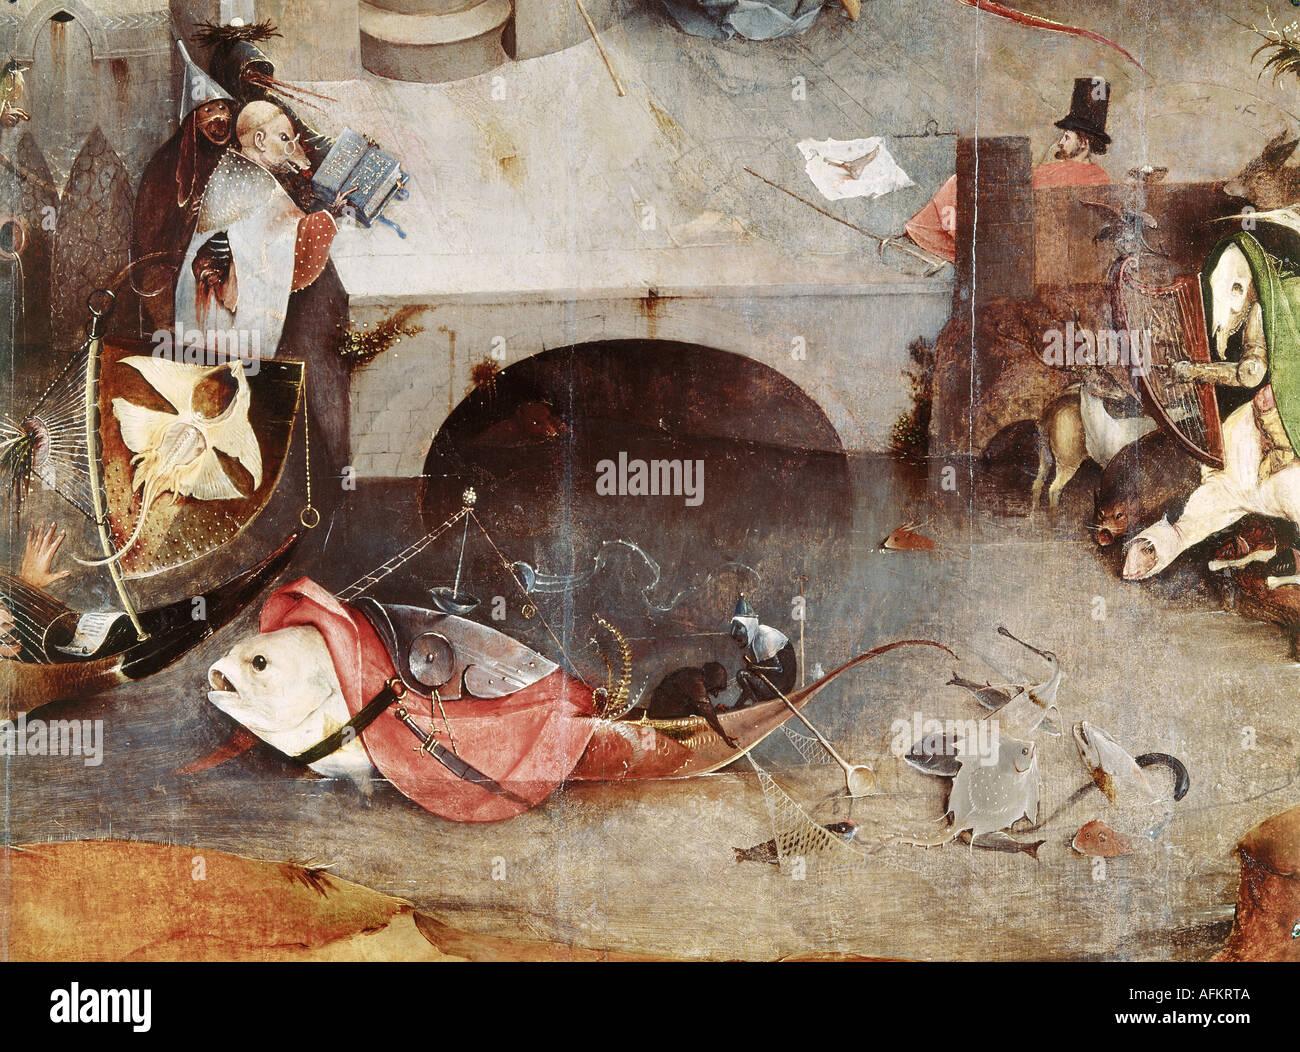 """'Fine Arts, Bosch, Hieronymus, (vers 1450 - 1516), peinture, """"la tentation de Saint Antoine"""", panneau central, détail, Banque D'Images"""